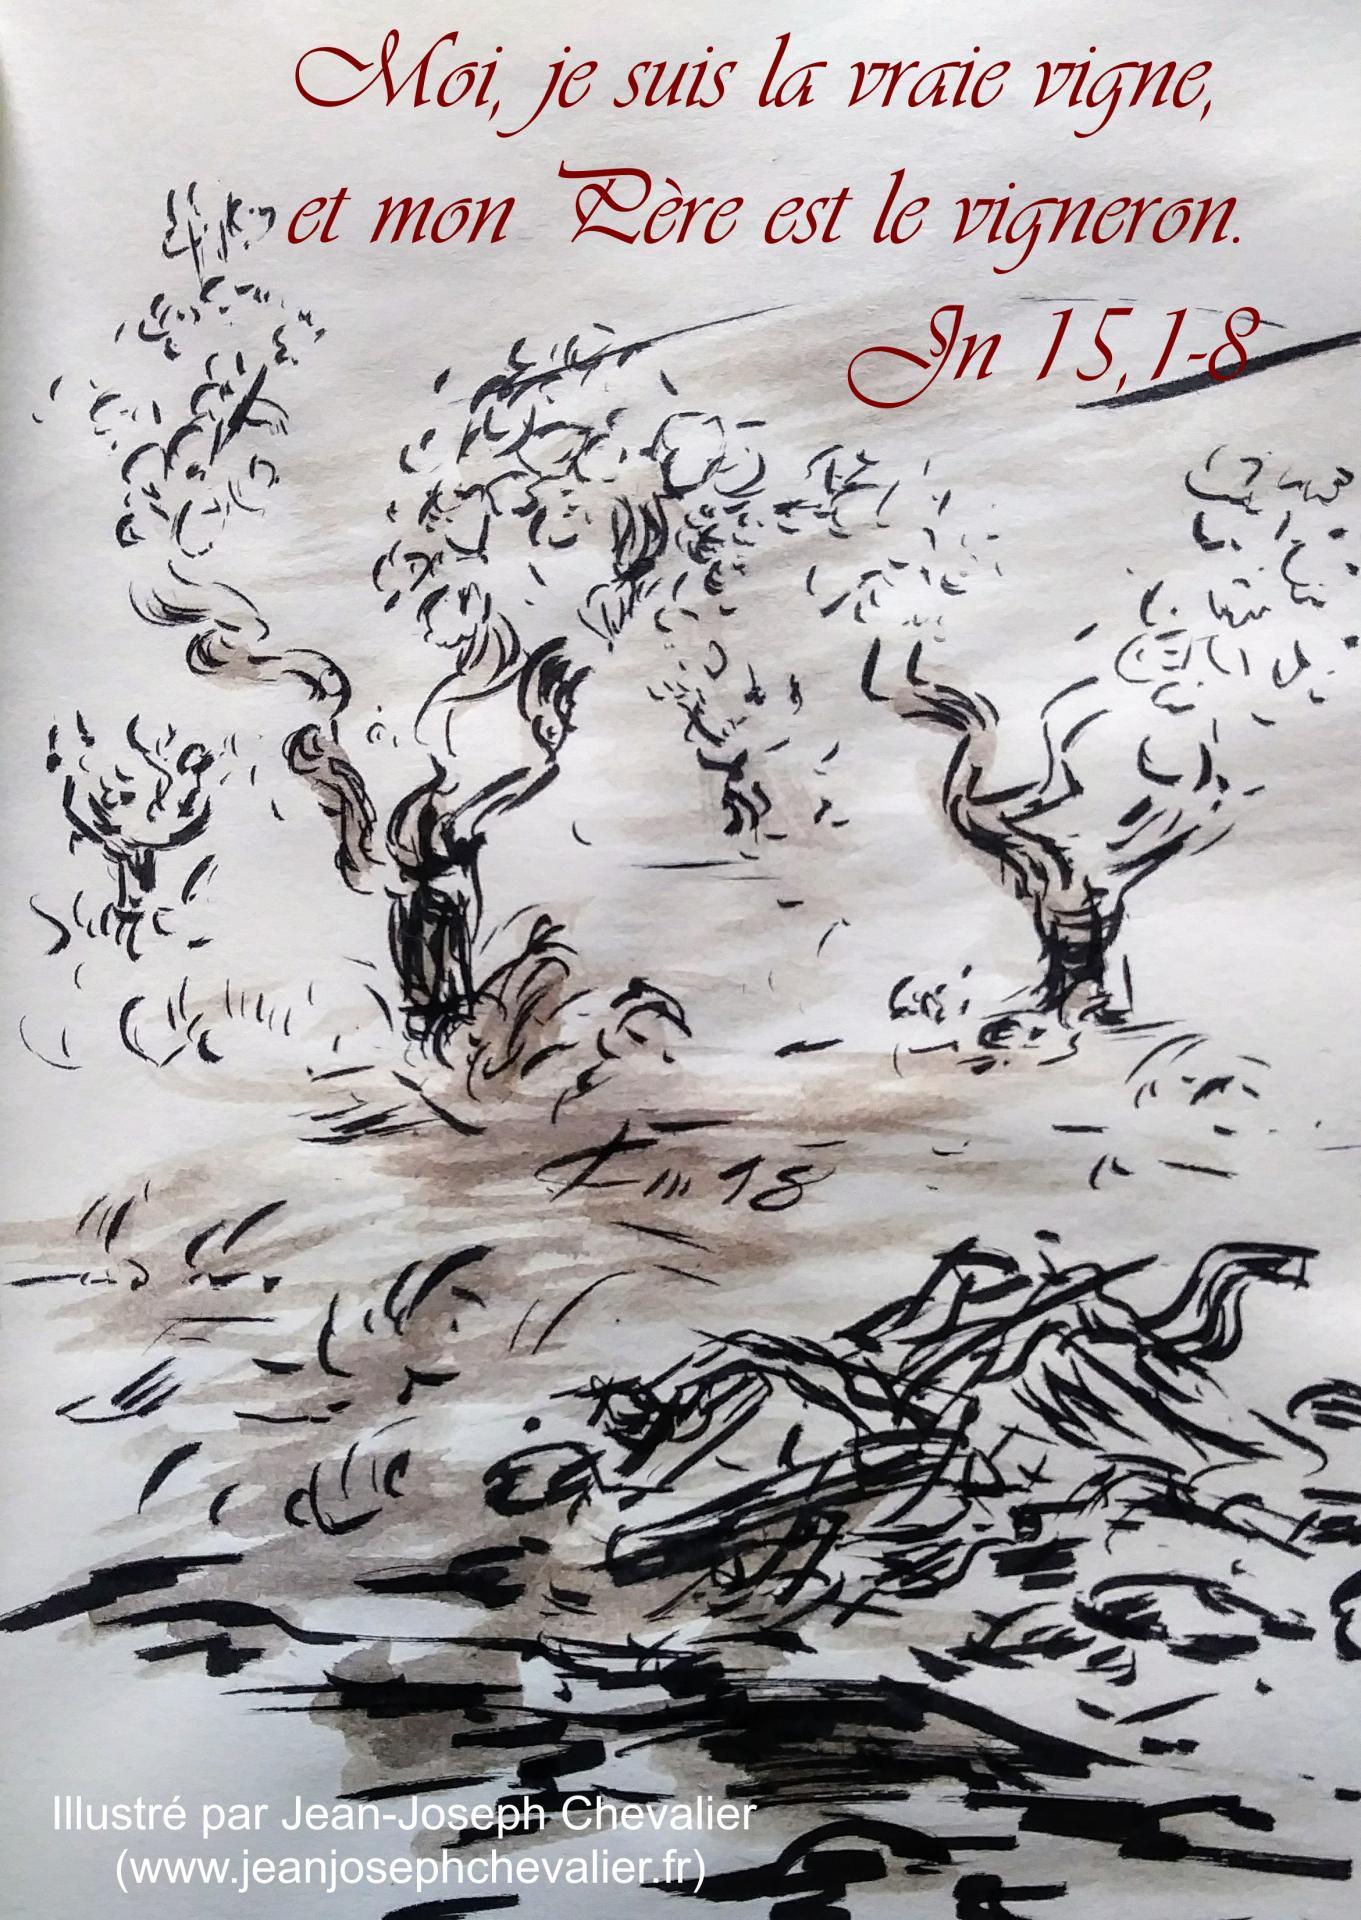 2 mai 2018 evangile du jour illustre par un dessin au lavis de jean joseph chevalier image